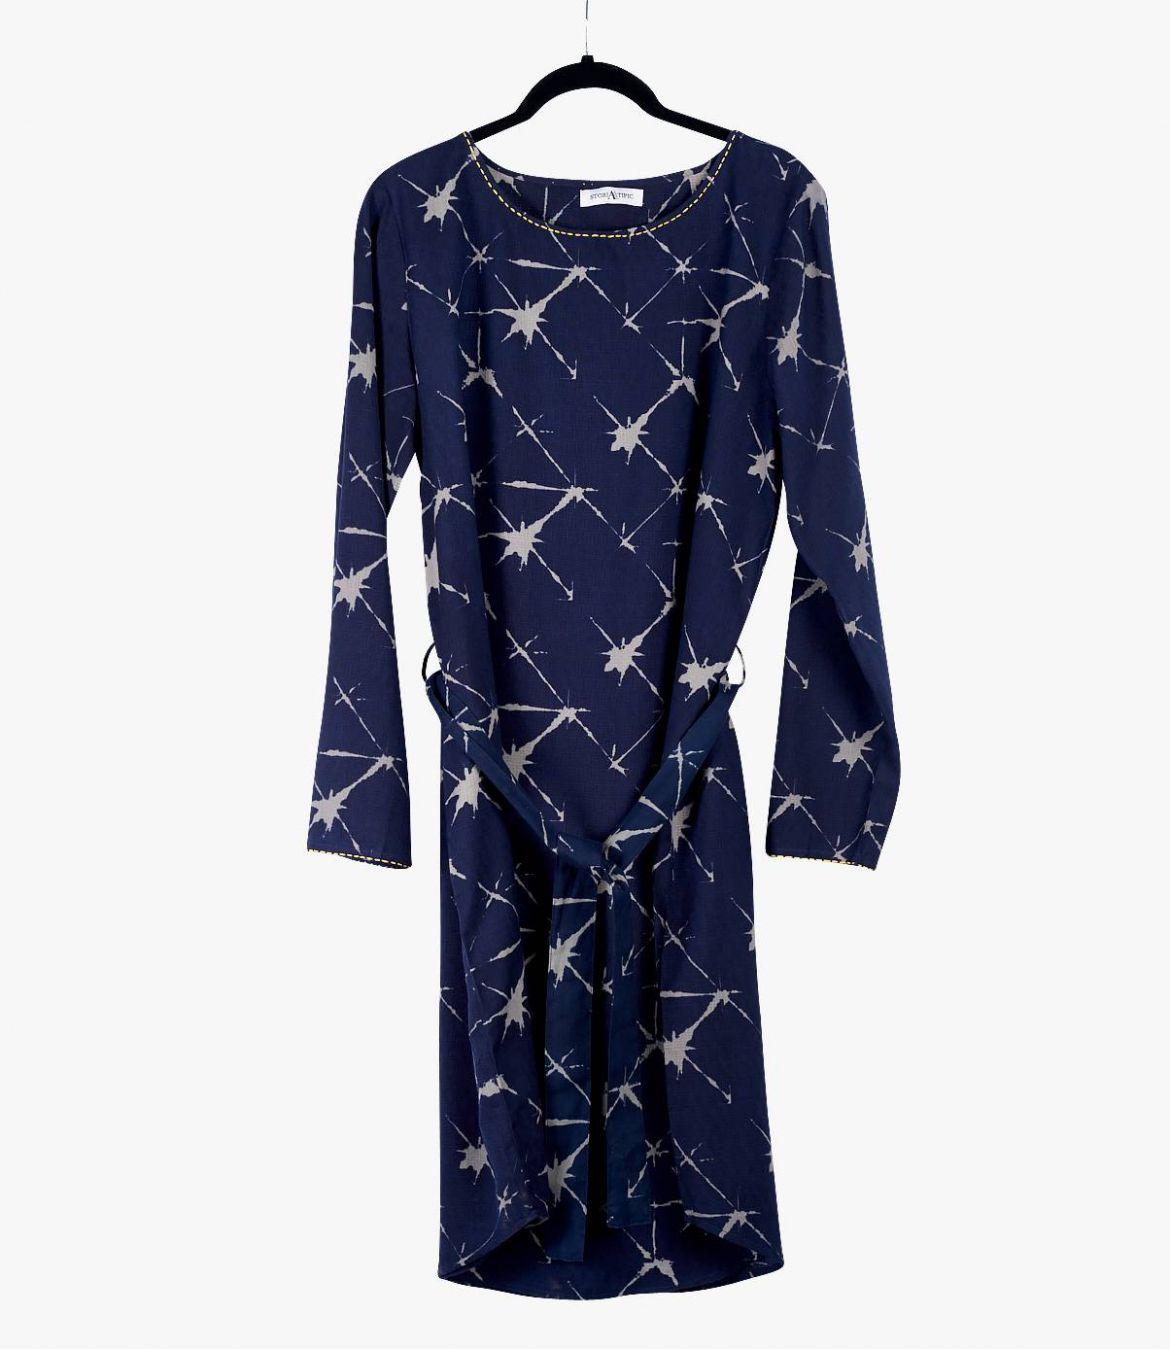 MARI KDO Robe en Coton, Modal pour Femme